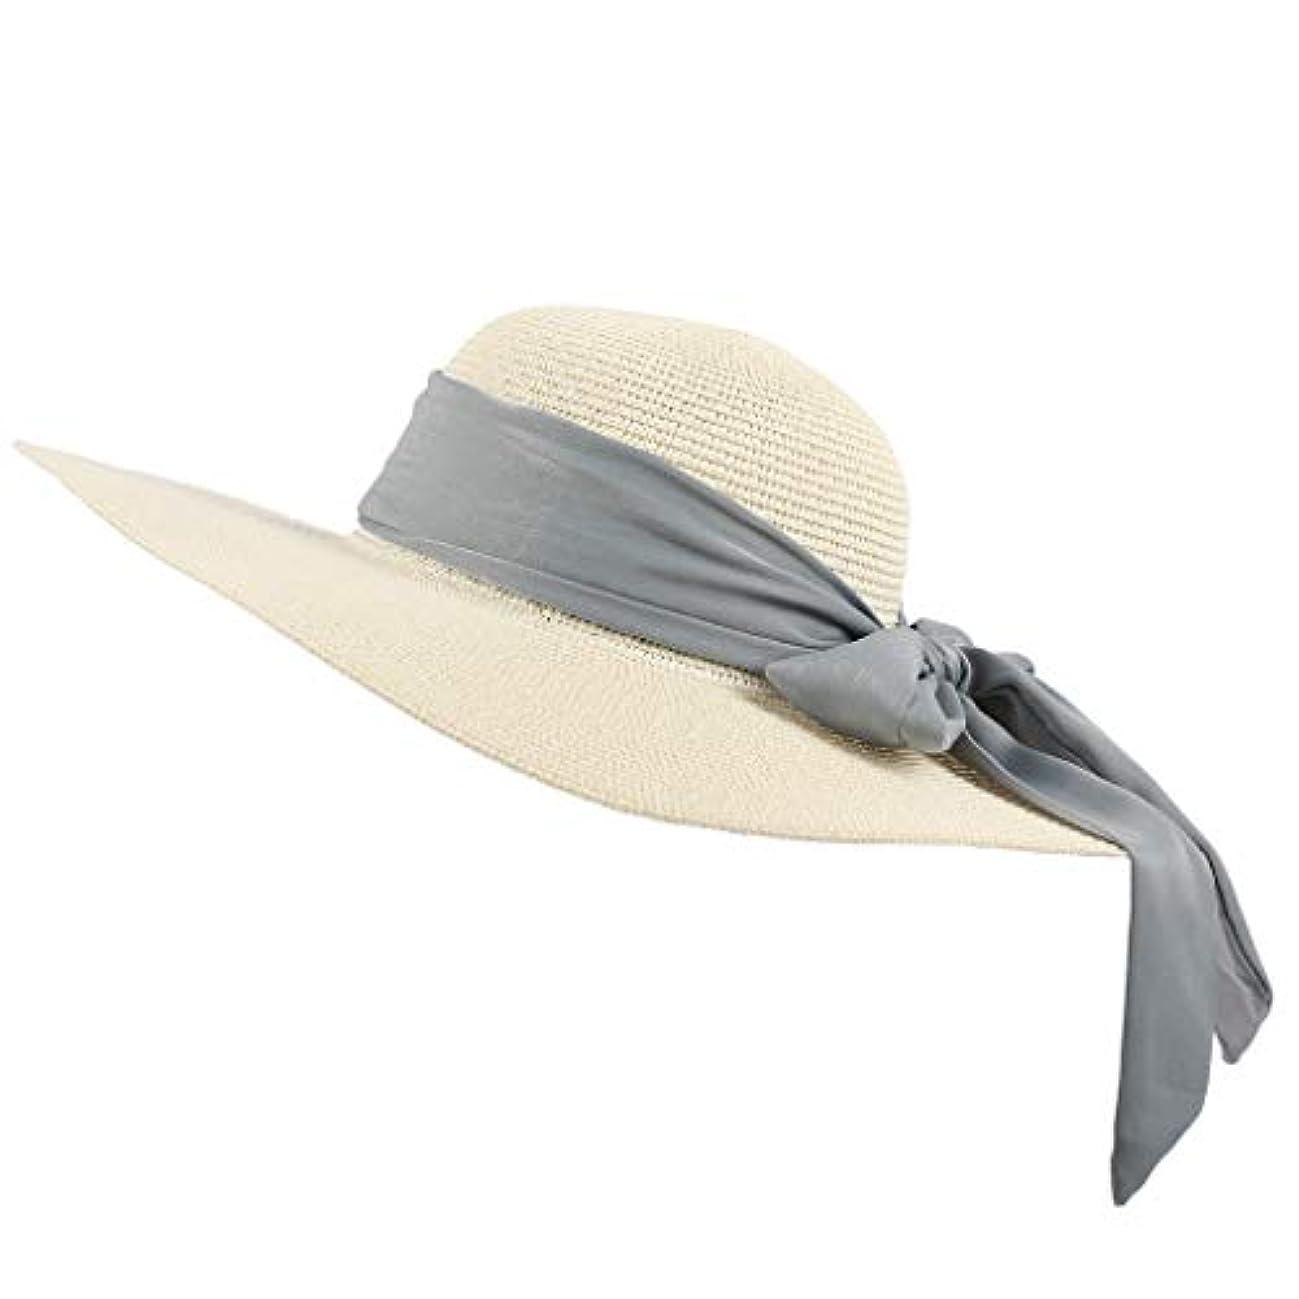 チェス後ろにストラトフォードオンエイボン帽子 レディース ROSE ROMAN UVカット ハット 紫外線対策 可愛い 小顔効果抜群 日よけ つば広 おしゃれ 可愛い 夏季 海 旅行 無地 ビーチ 海辺 ワイルド パーティー ダンスパーティー パーティー シンプル 発送